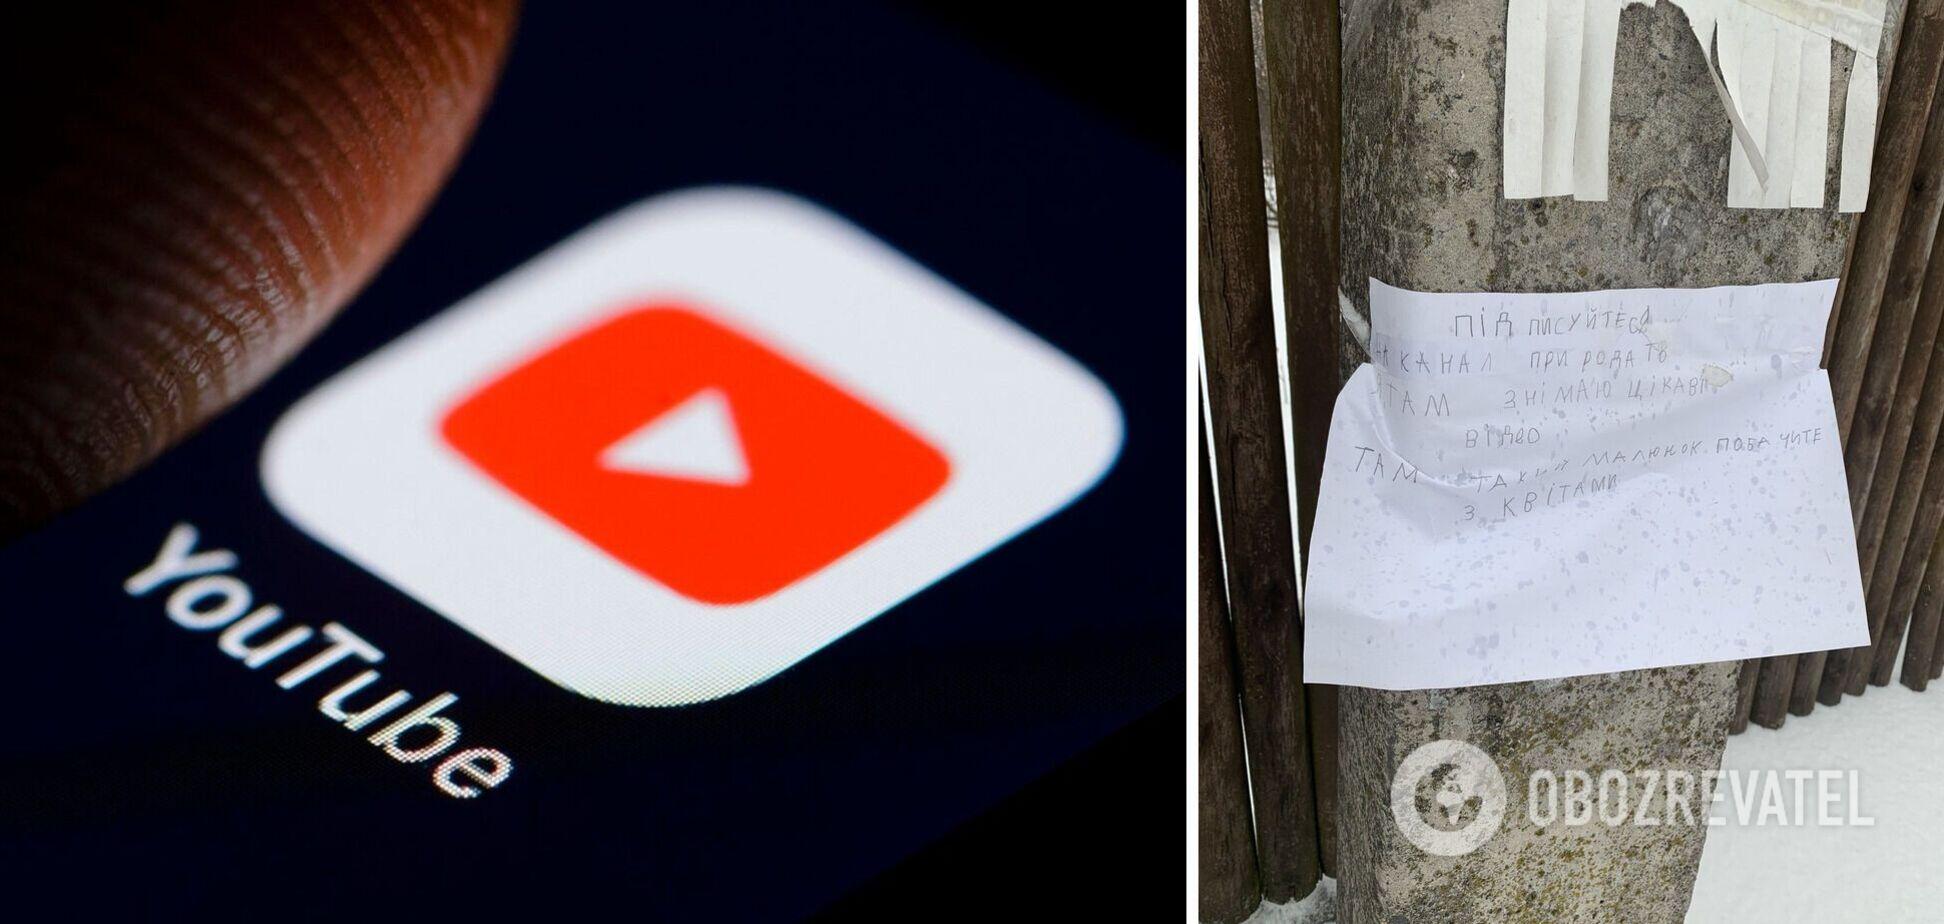 В Украине девочка стала звездой YouTube после объявления на столбе: в сети флешмоб поддержали МВД и НАБУ